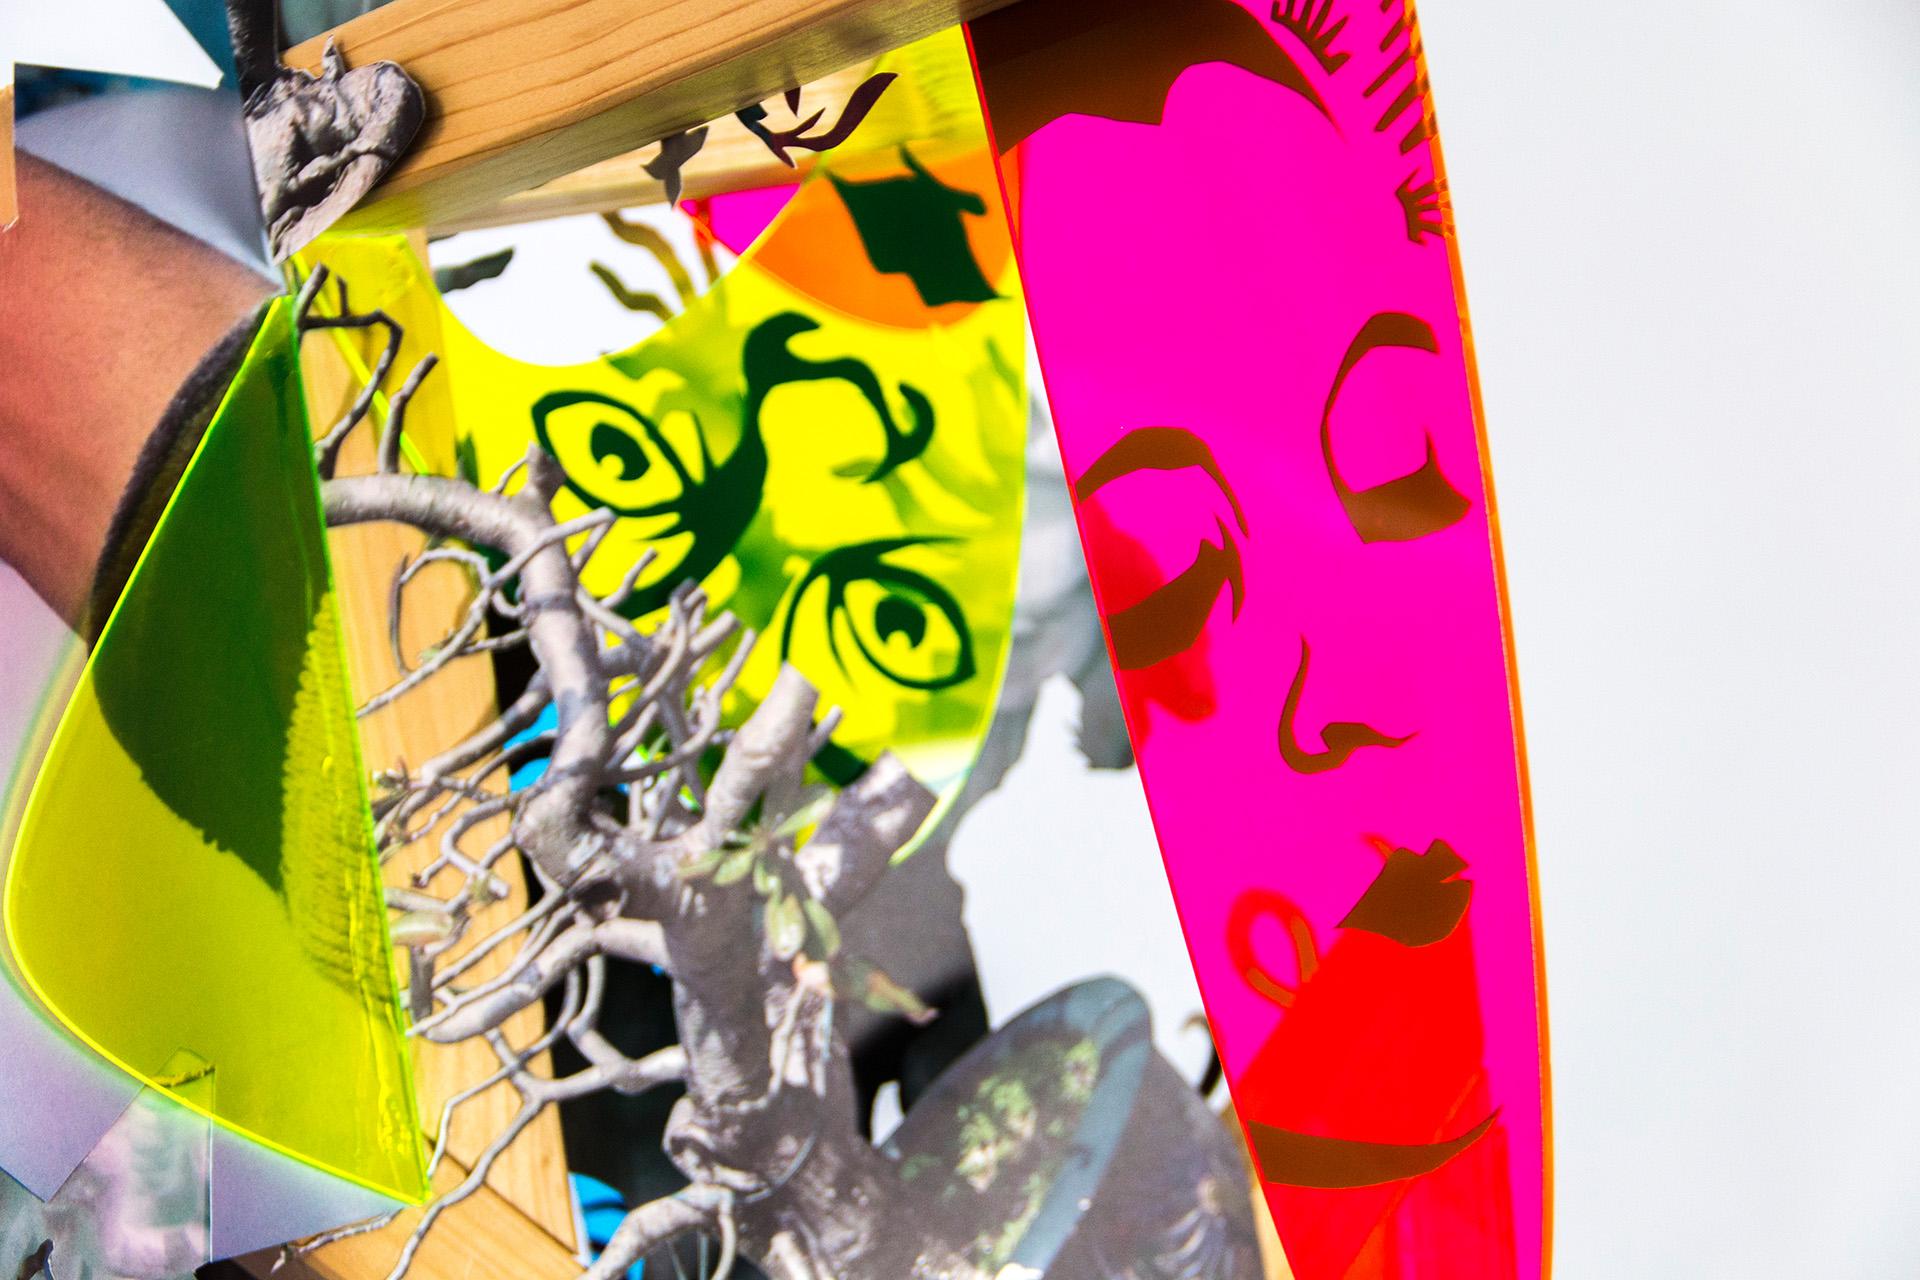 """Detailansicht der Plastik """"Selbstgespräche mit Frau A"""" bestehend aus Holz, Papier, Plexiglas und Klebefolien. Geschaffen von der Künstlerin Wiebke Kirchner im Jahr 2019."""